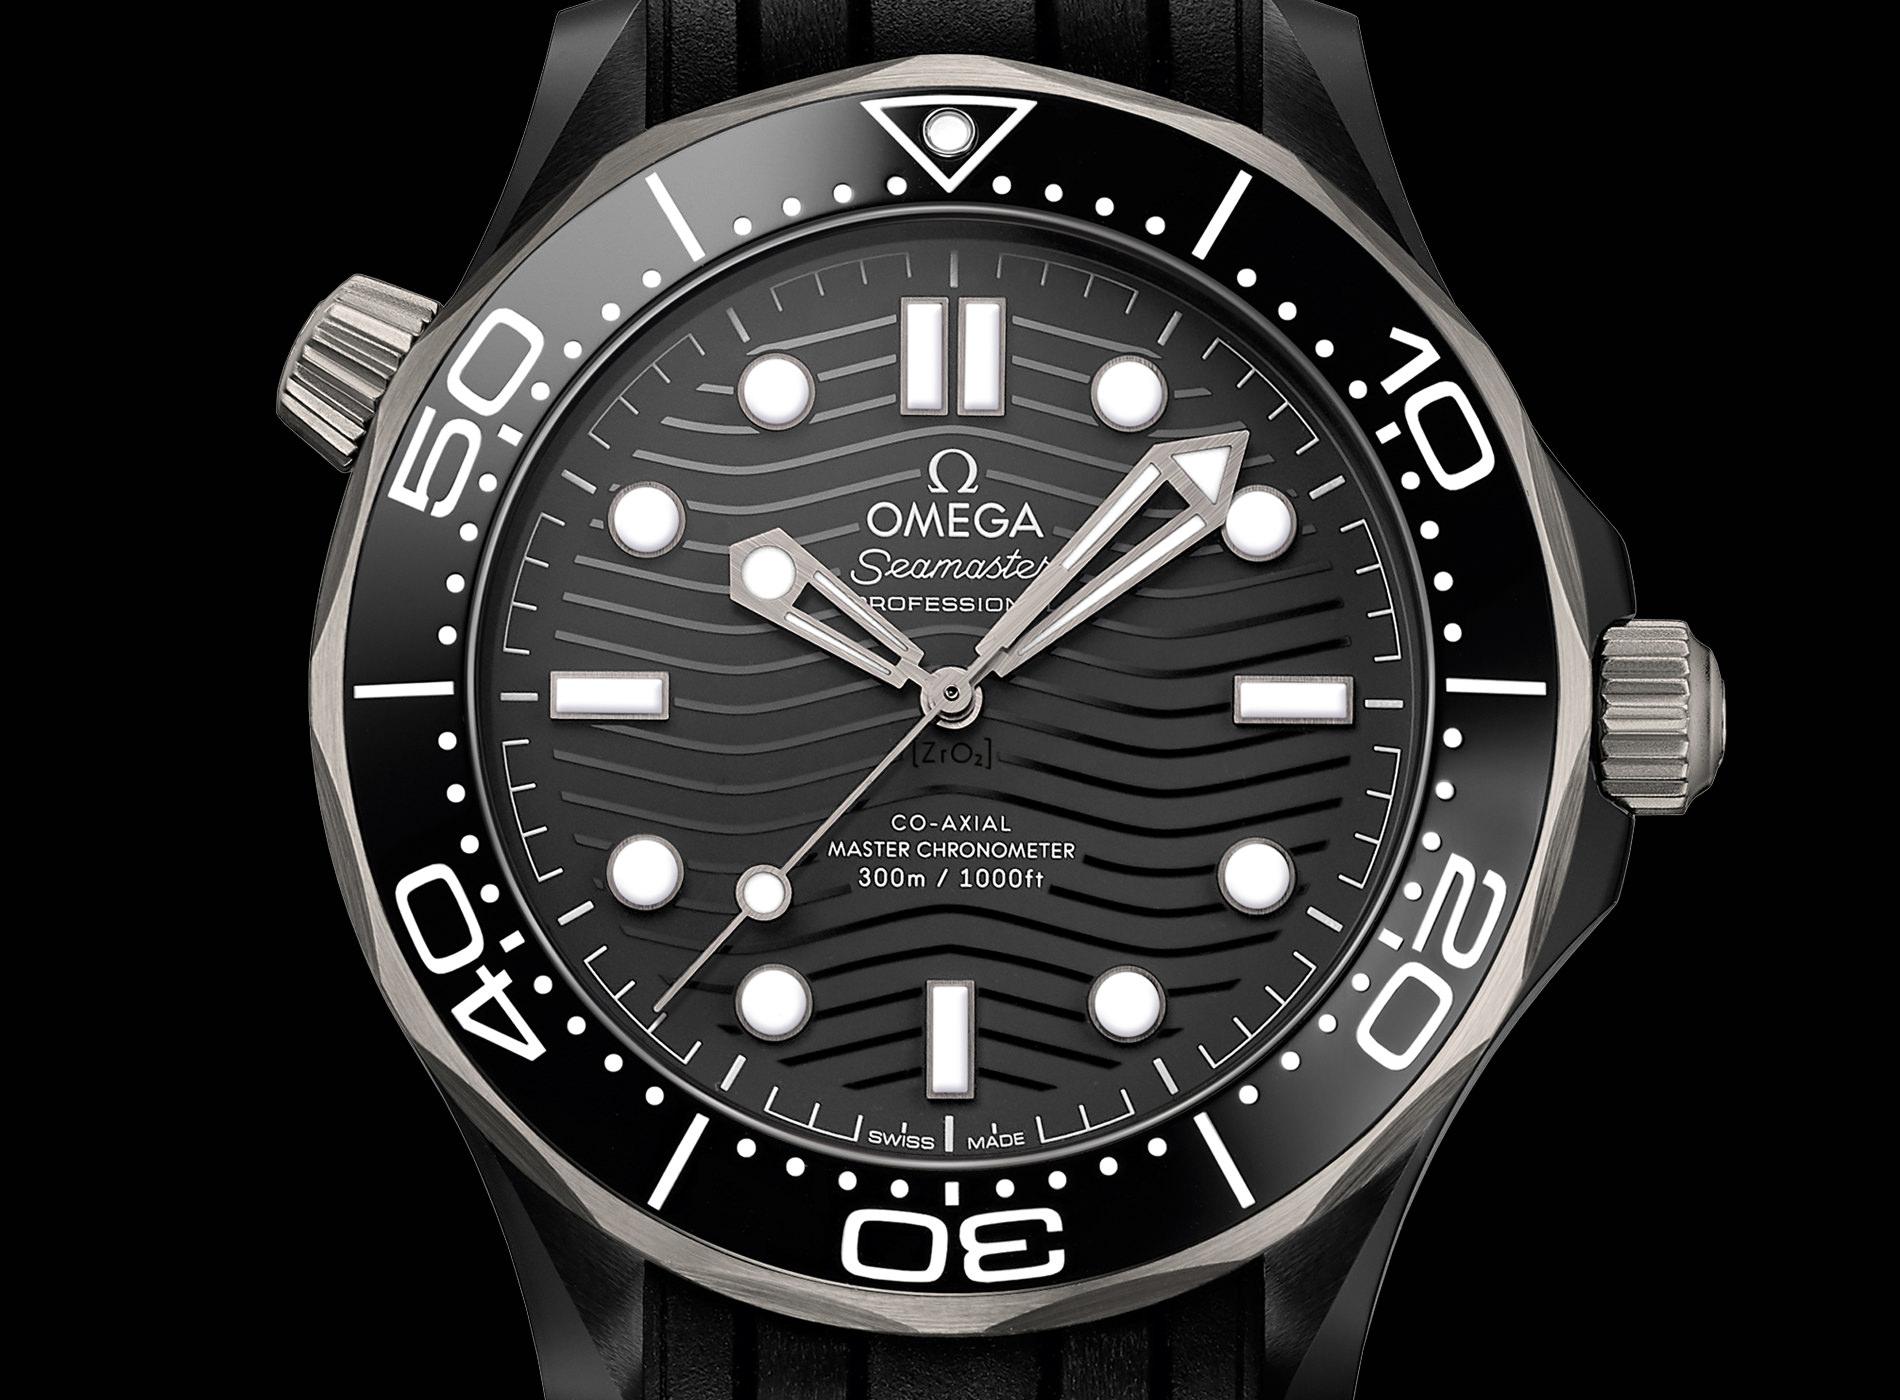 Montre Omega Seamaster Diver 300M Céramique Titanium Bracelet Caoutchouc Noir Détails